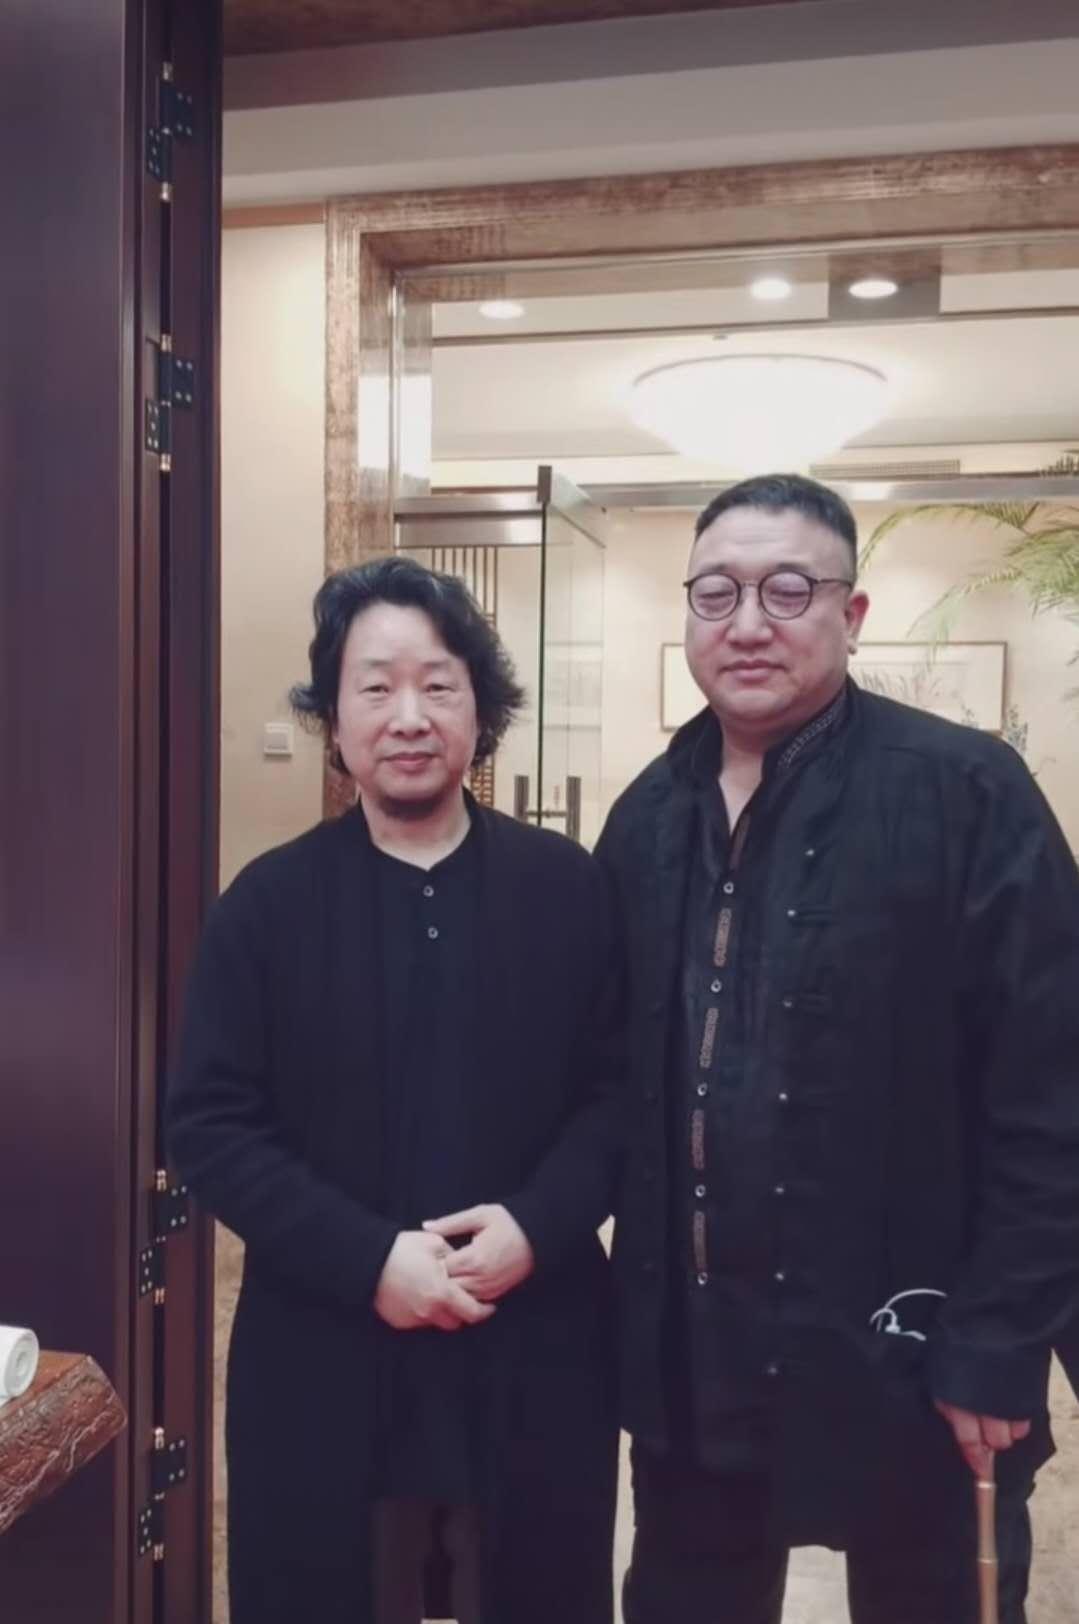 郭万禄先生应邀参加宋秦晋老师画展